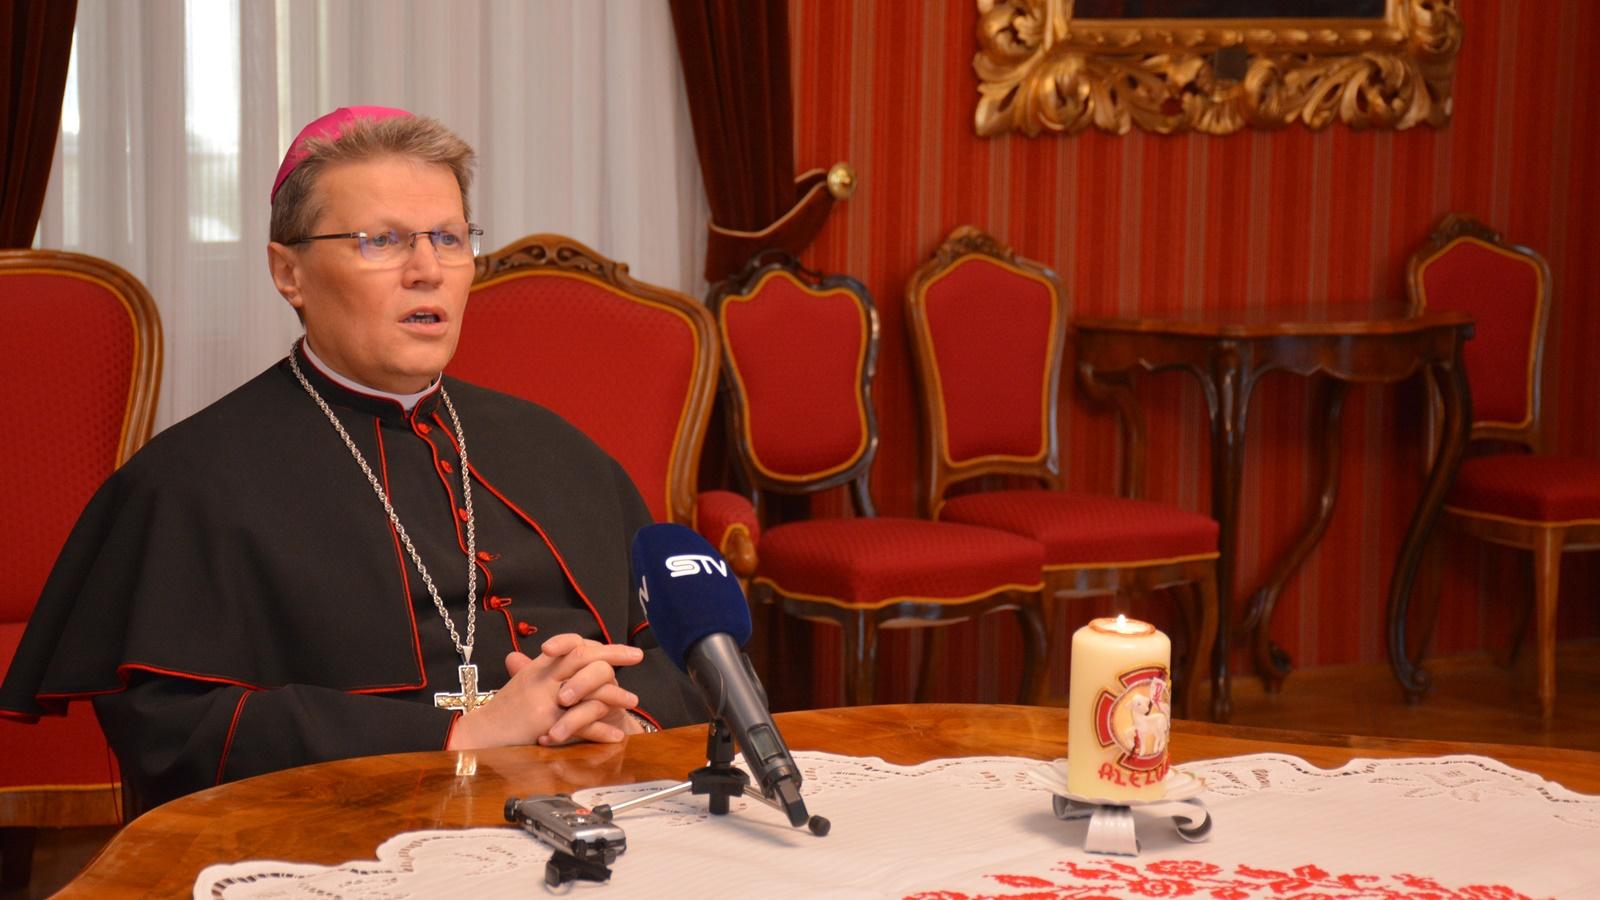 Uskrsna čestitka i pastirska poruka nadbiskupa Đure Hranića